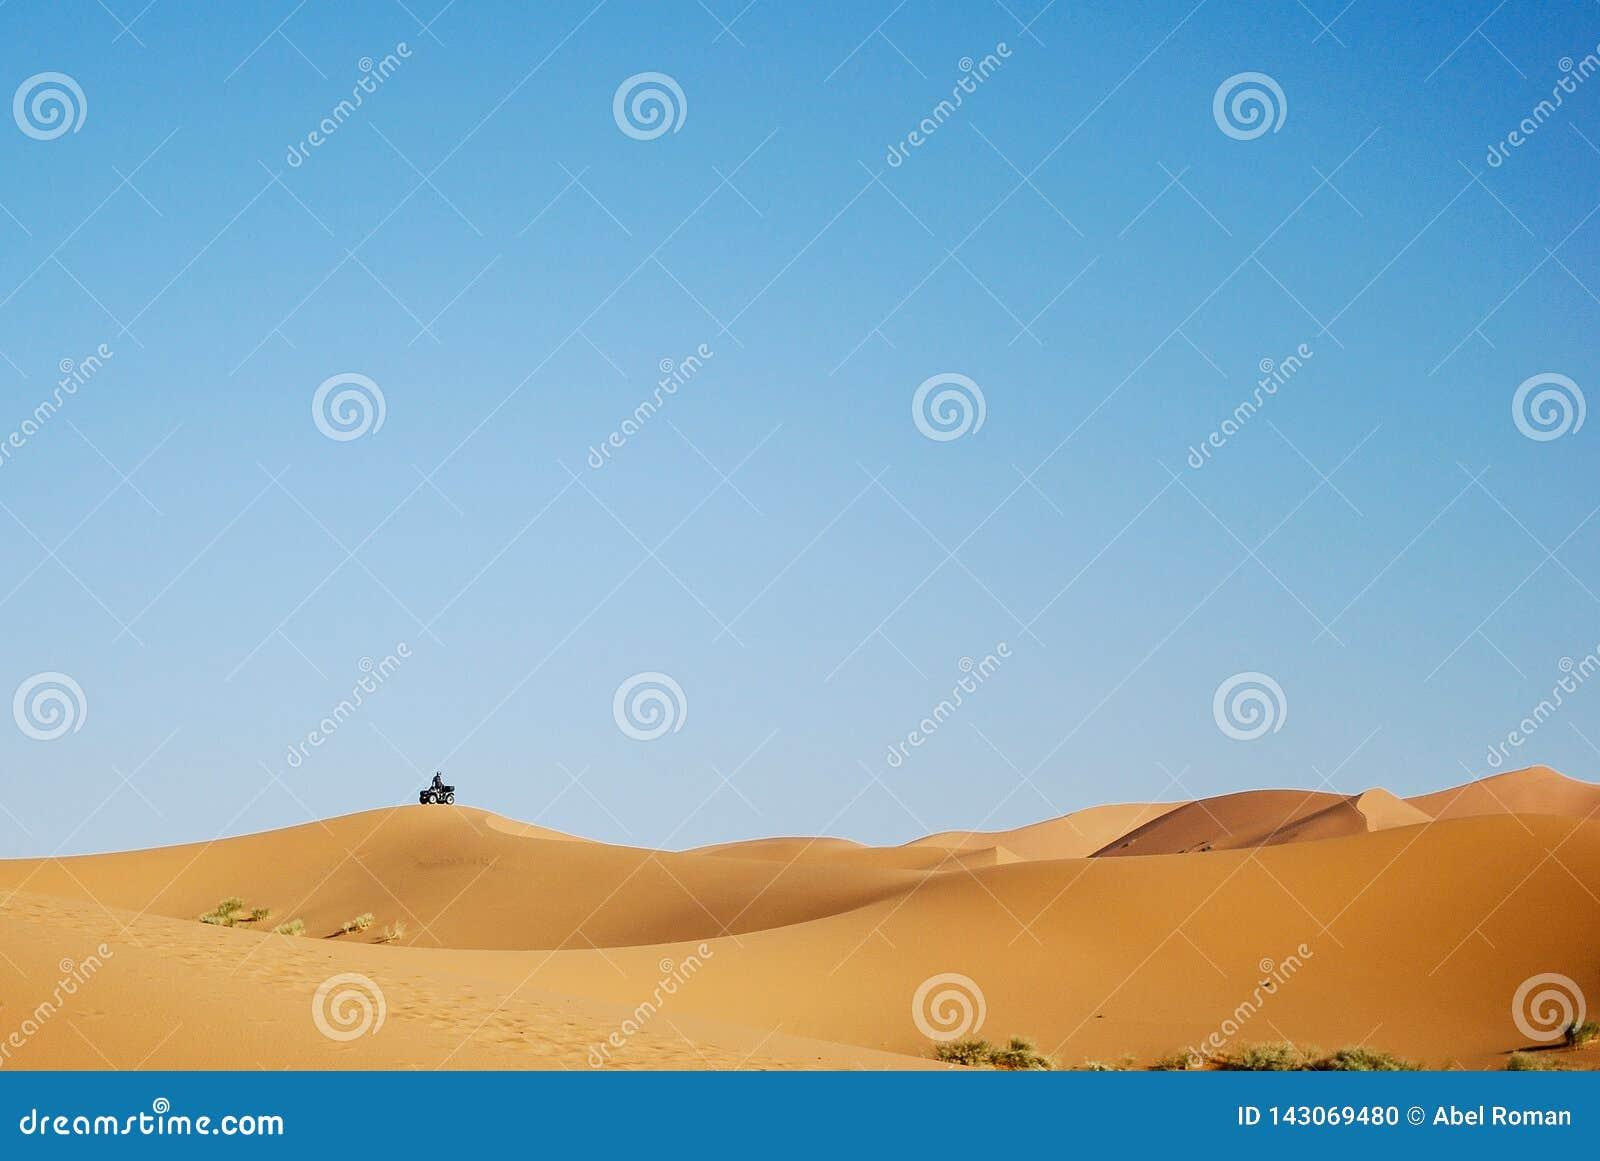 Um quadrilátero sobre dunas no deserto